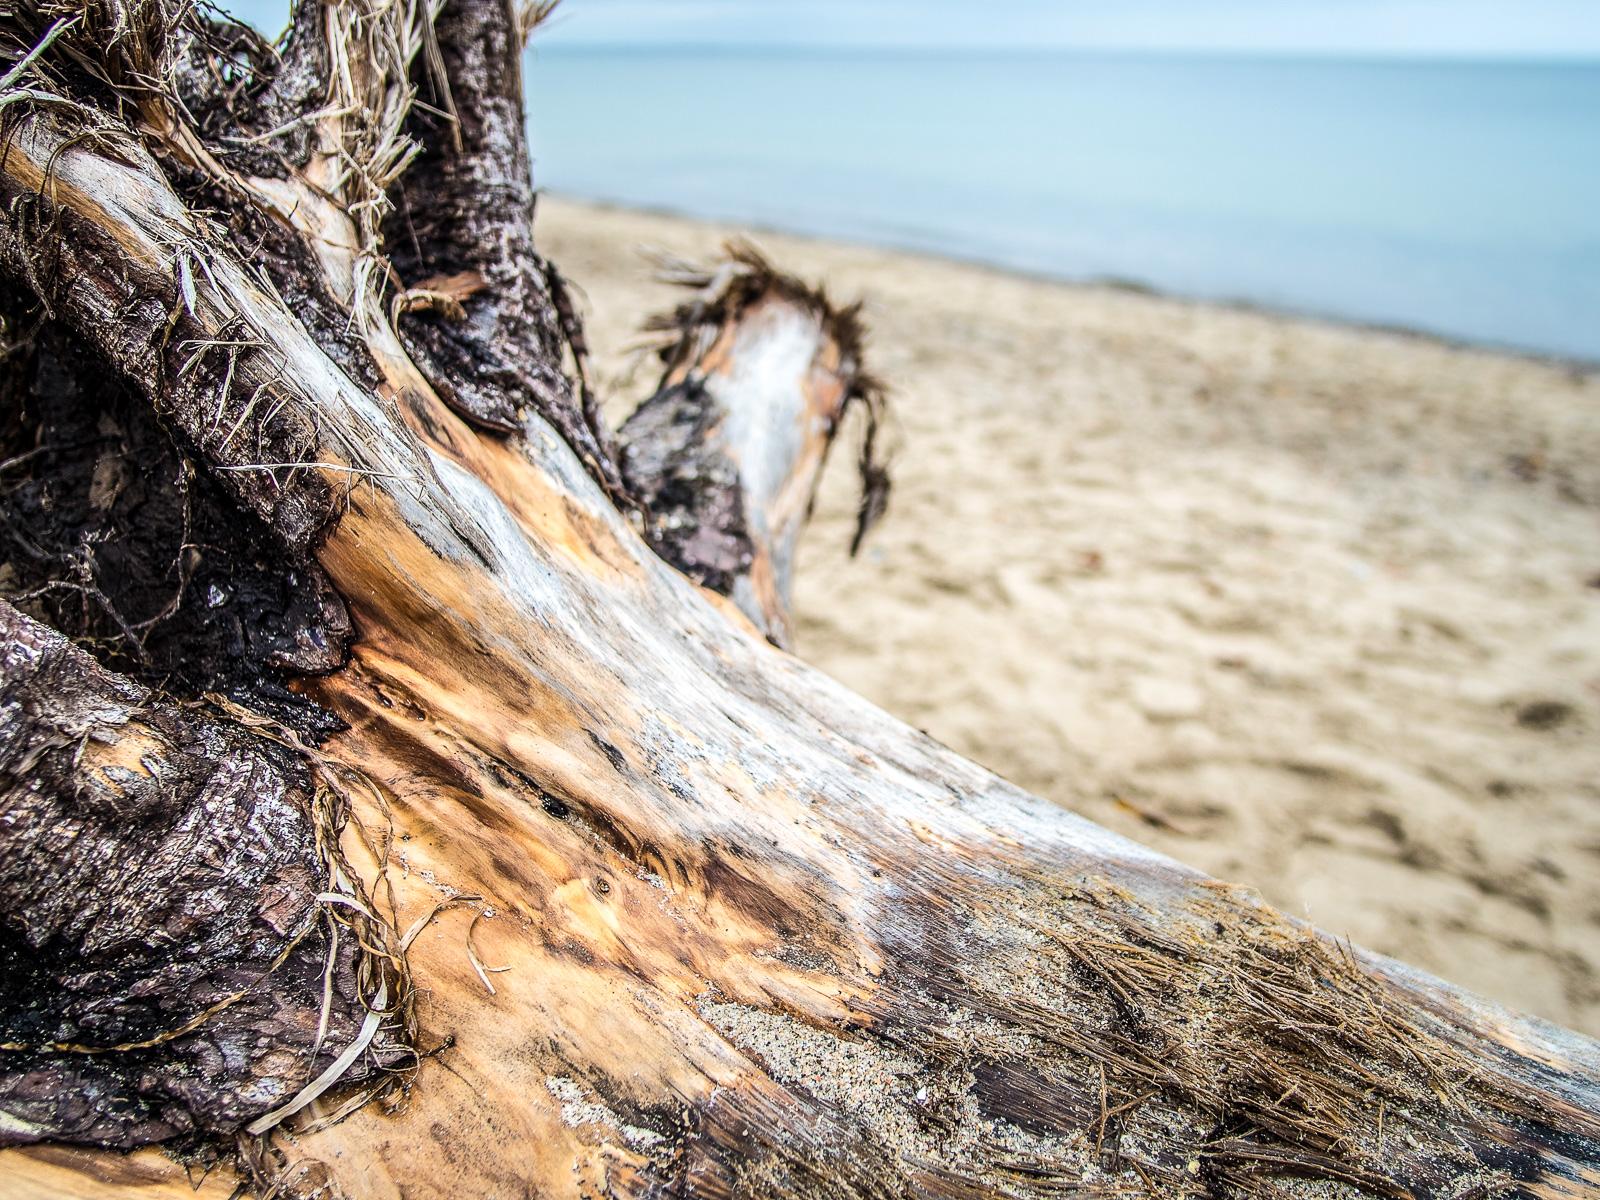 Ausgefaserte Baumwurzel im Sand